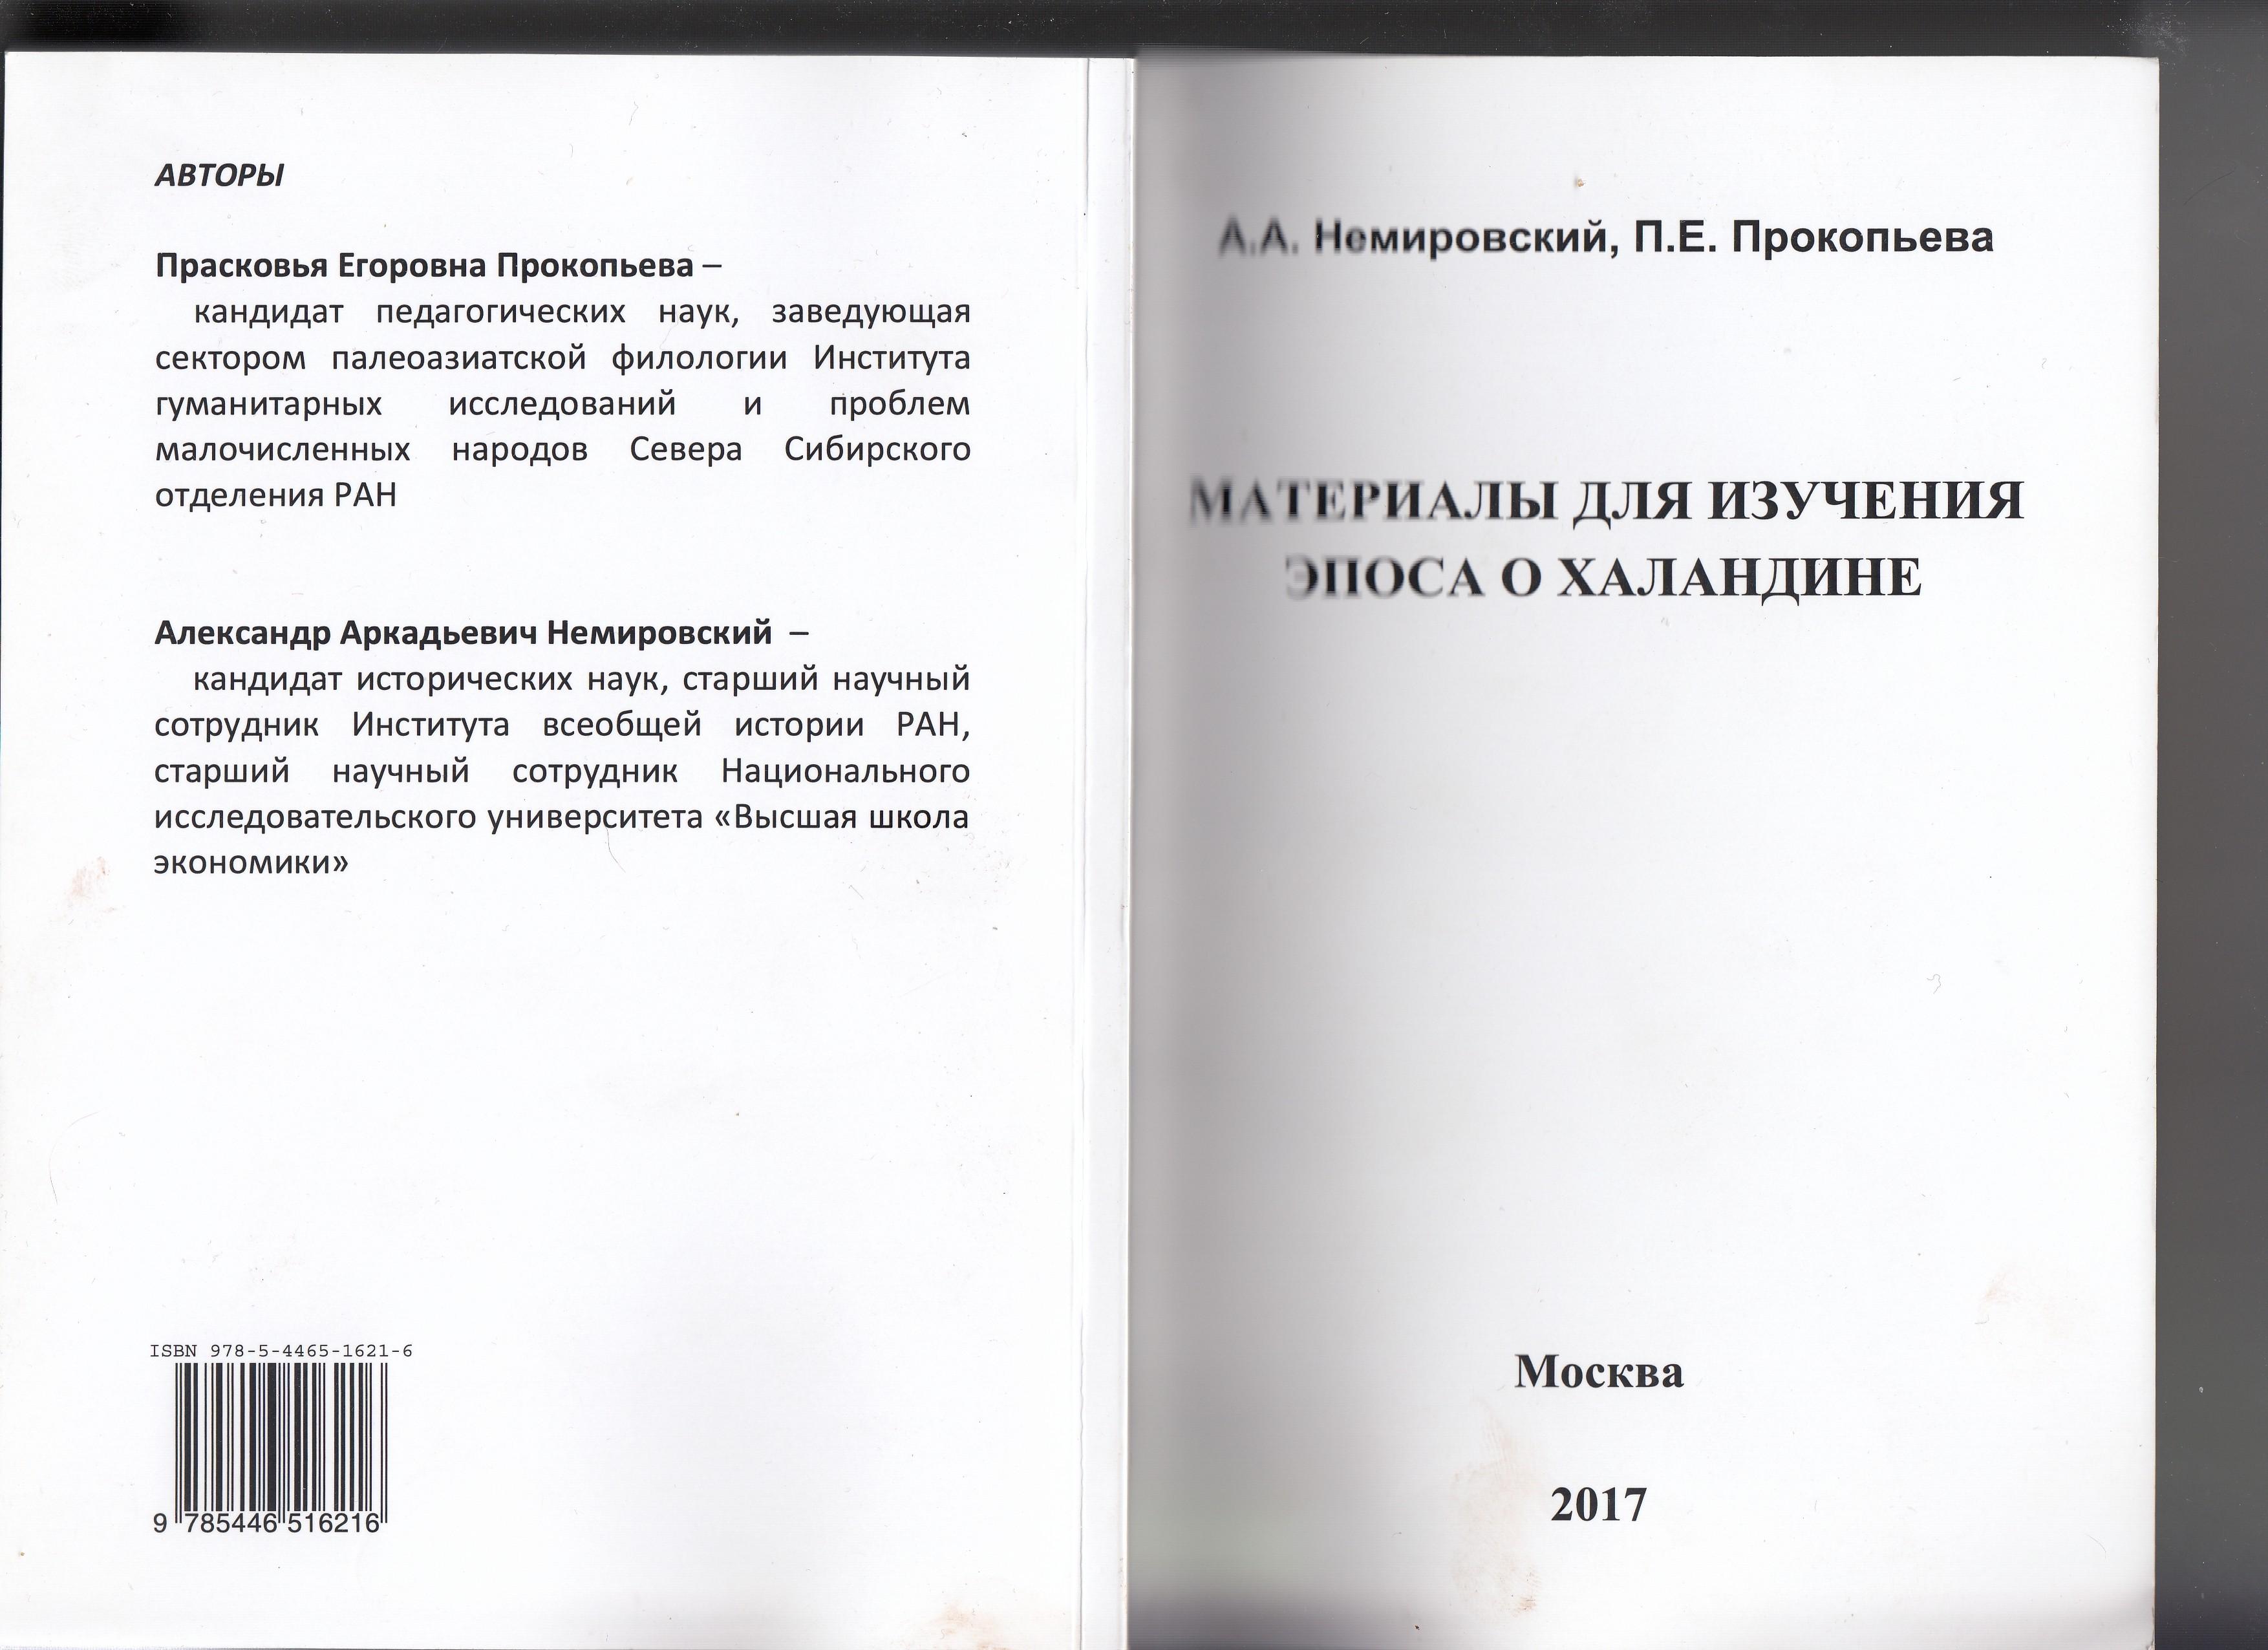 Материалы для изучения эпоса о Халандине (в соавторстве с П.Е. Прокопьевой)